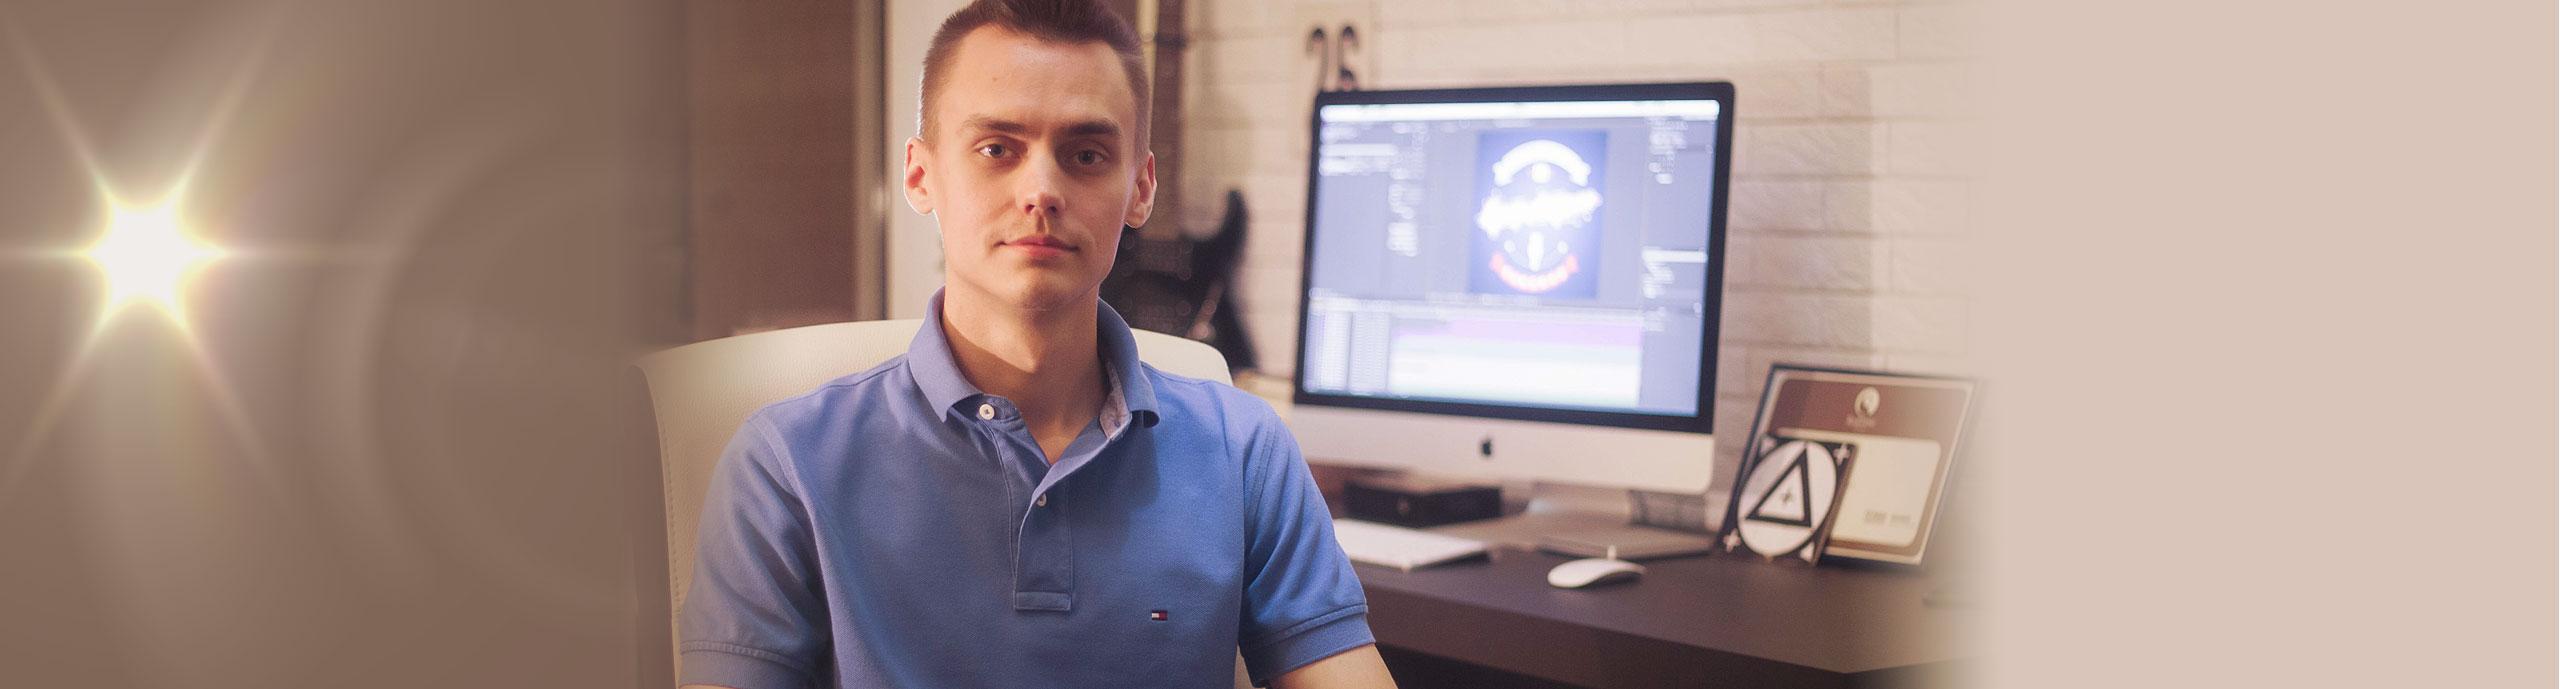 Автором курса мы, без колебаний, выбрали Михаила Бычкова